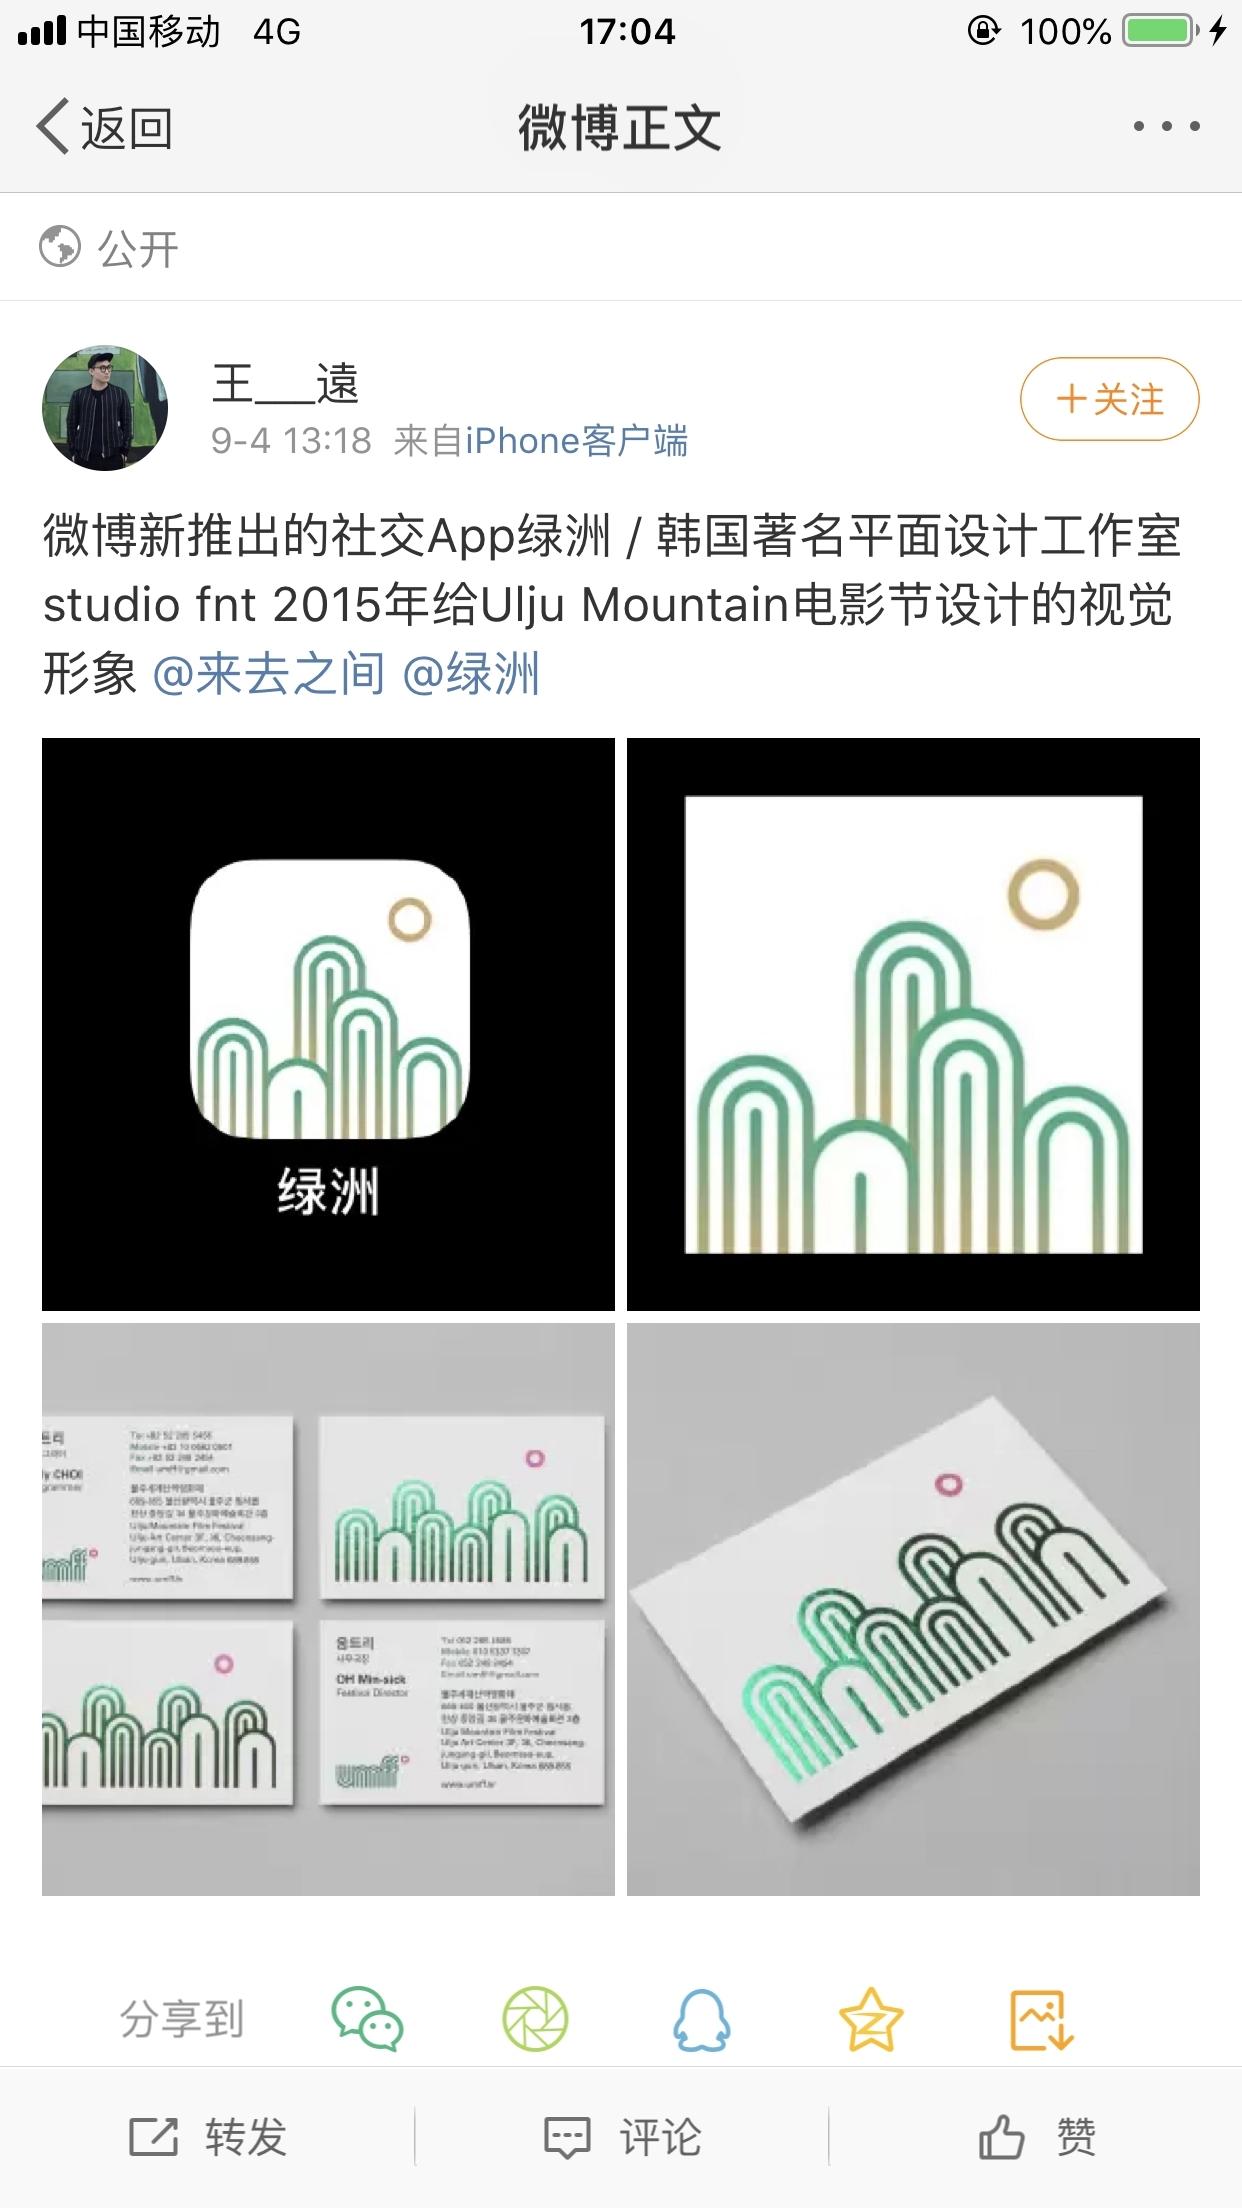 """内测火爆的微博新应用""""绿洲""""被指logo抄袭 现已下架"""